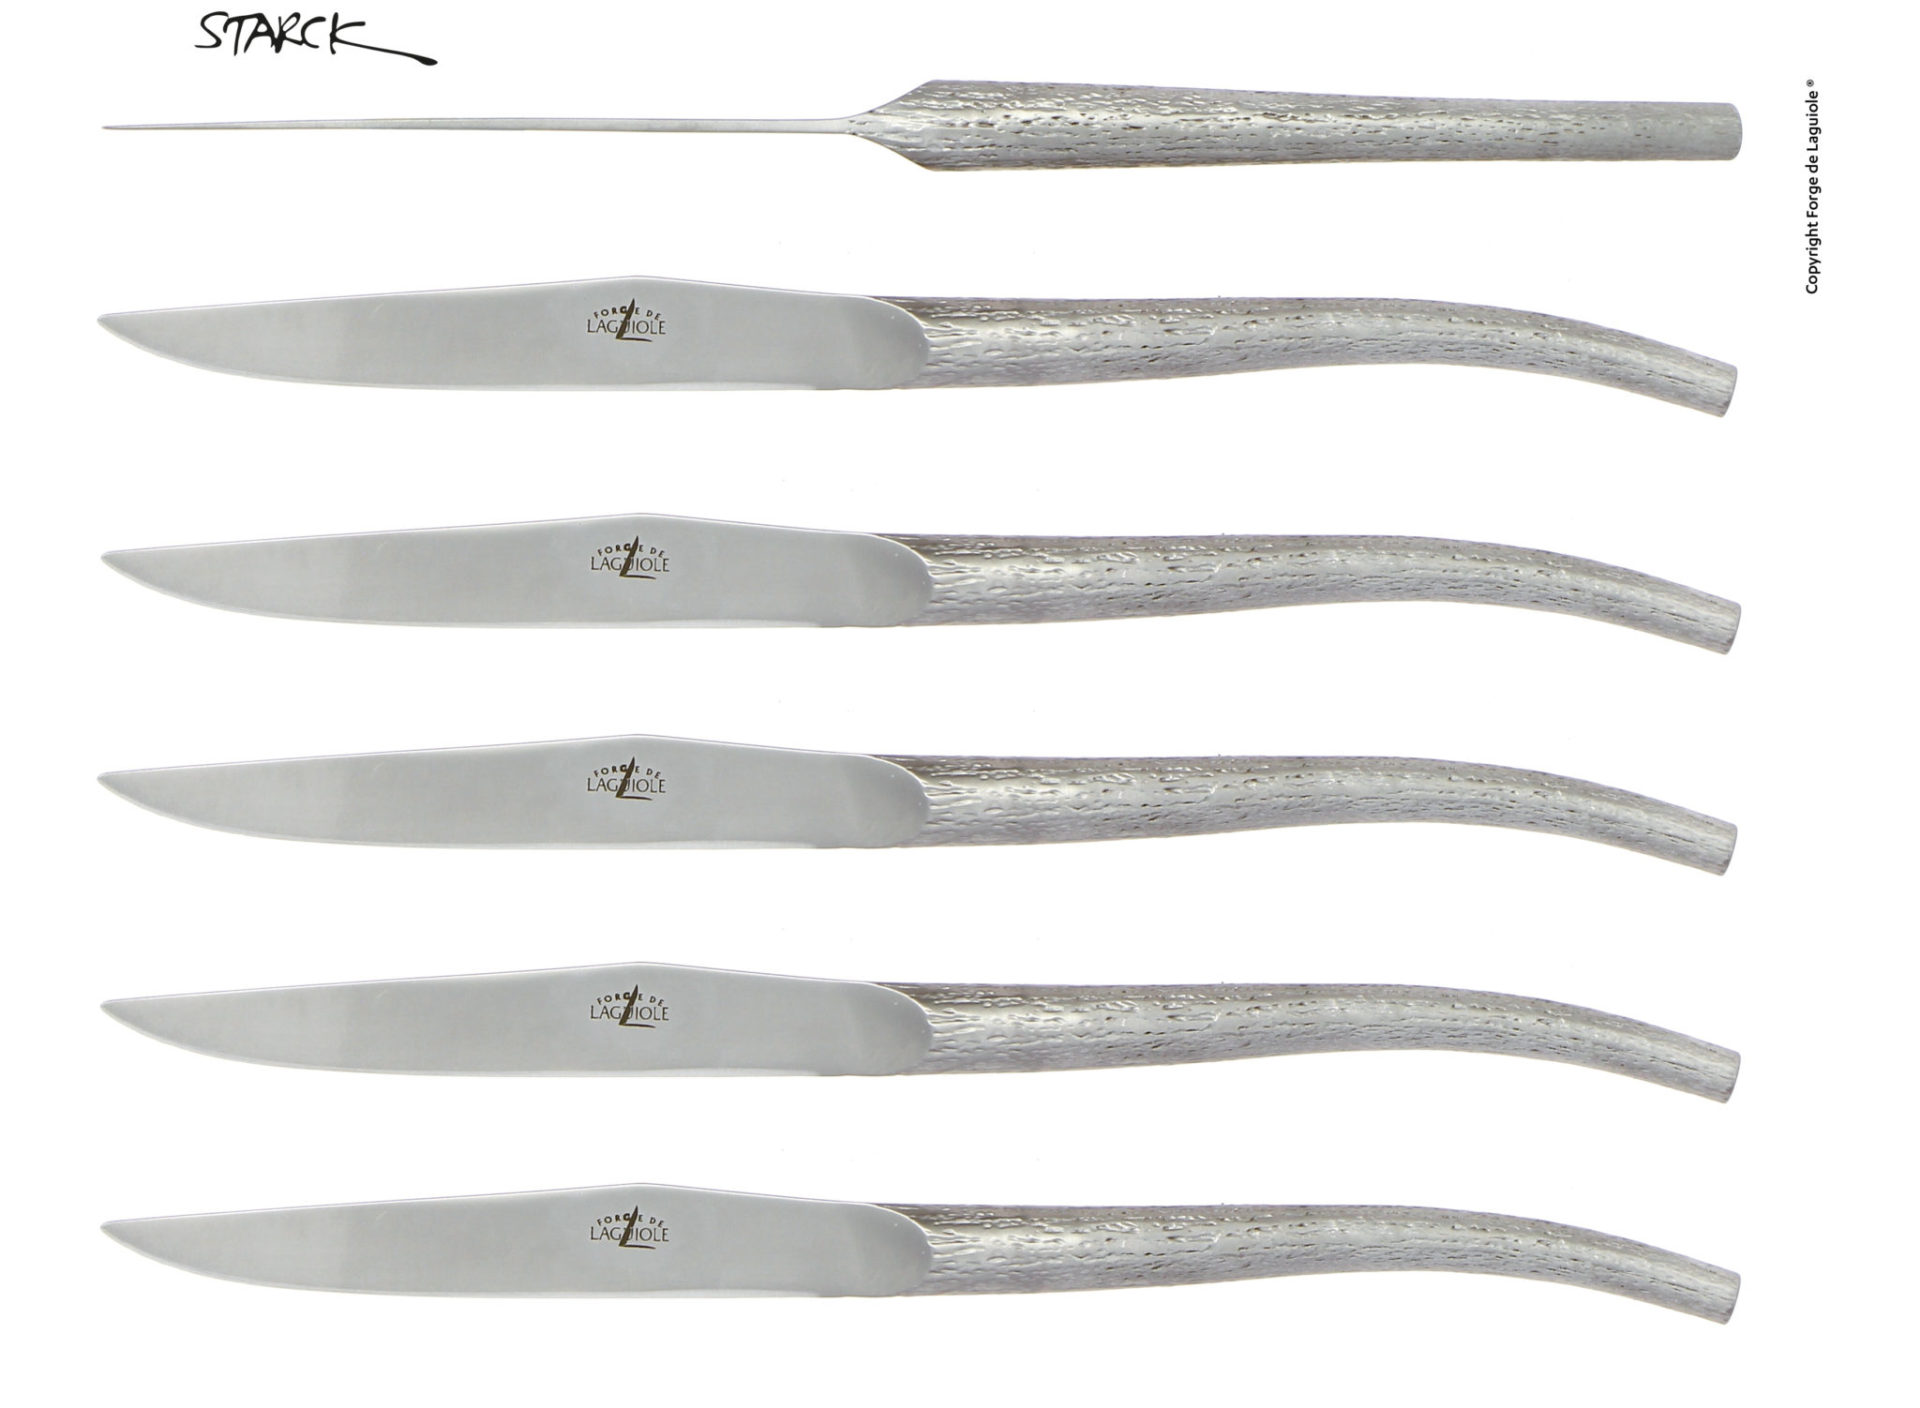 Couteau design Forge de Laguiole par Philippe Starck